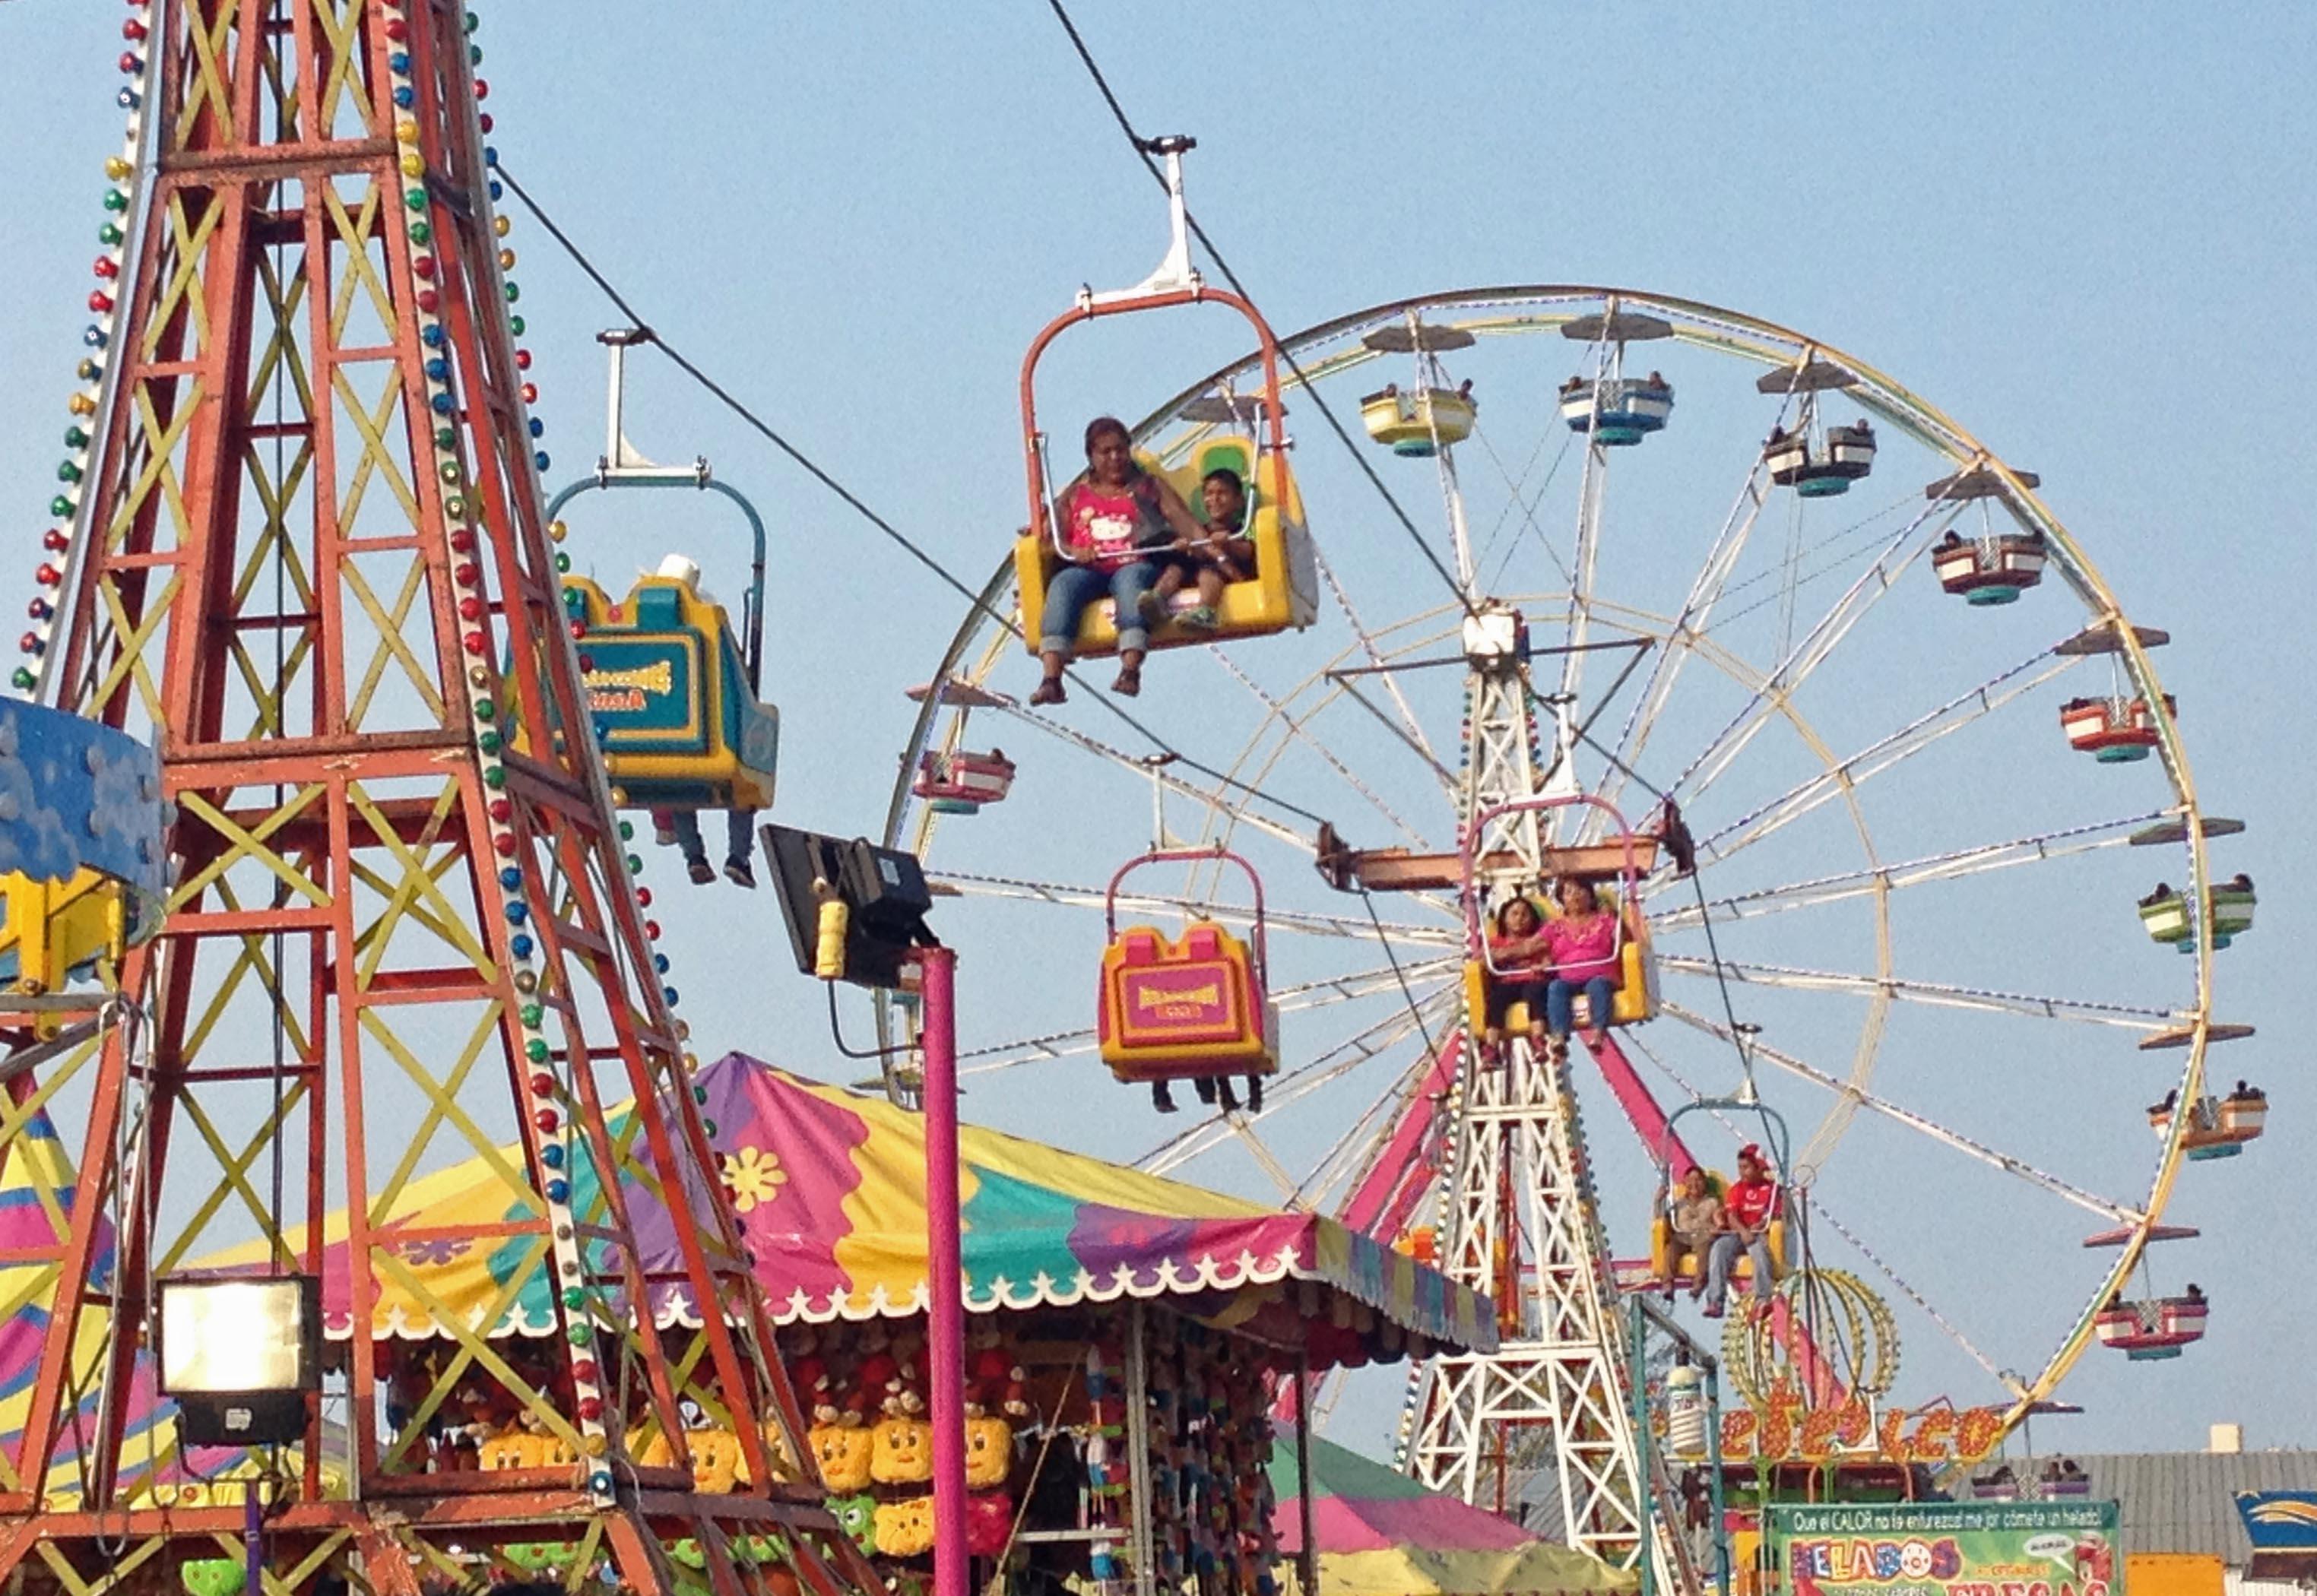 Anuncian Feria En El Parque Reino Magico Durante El Carnaval De